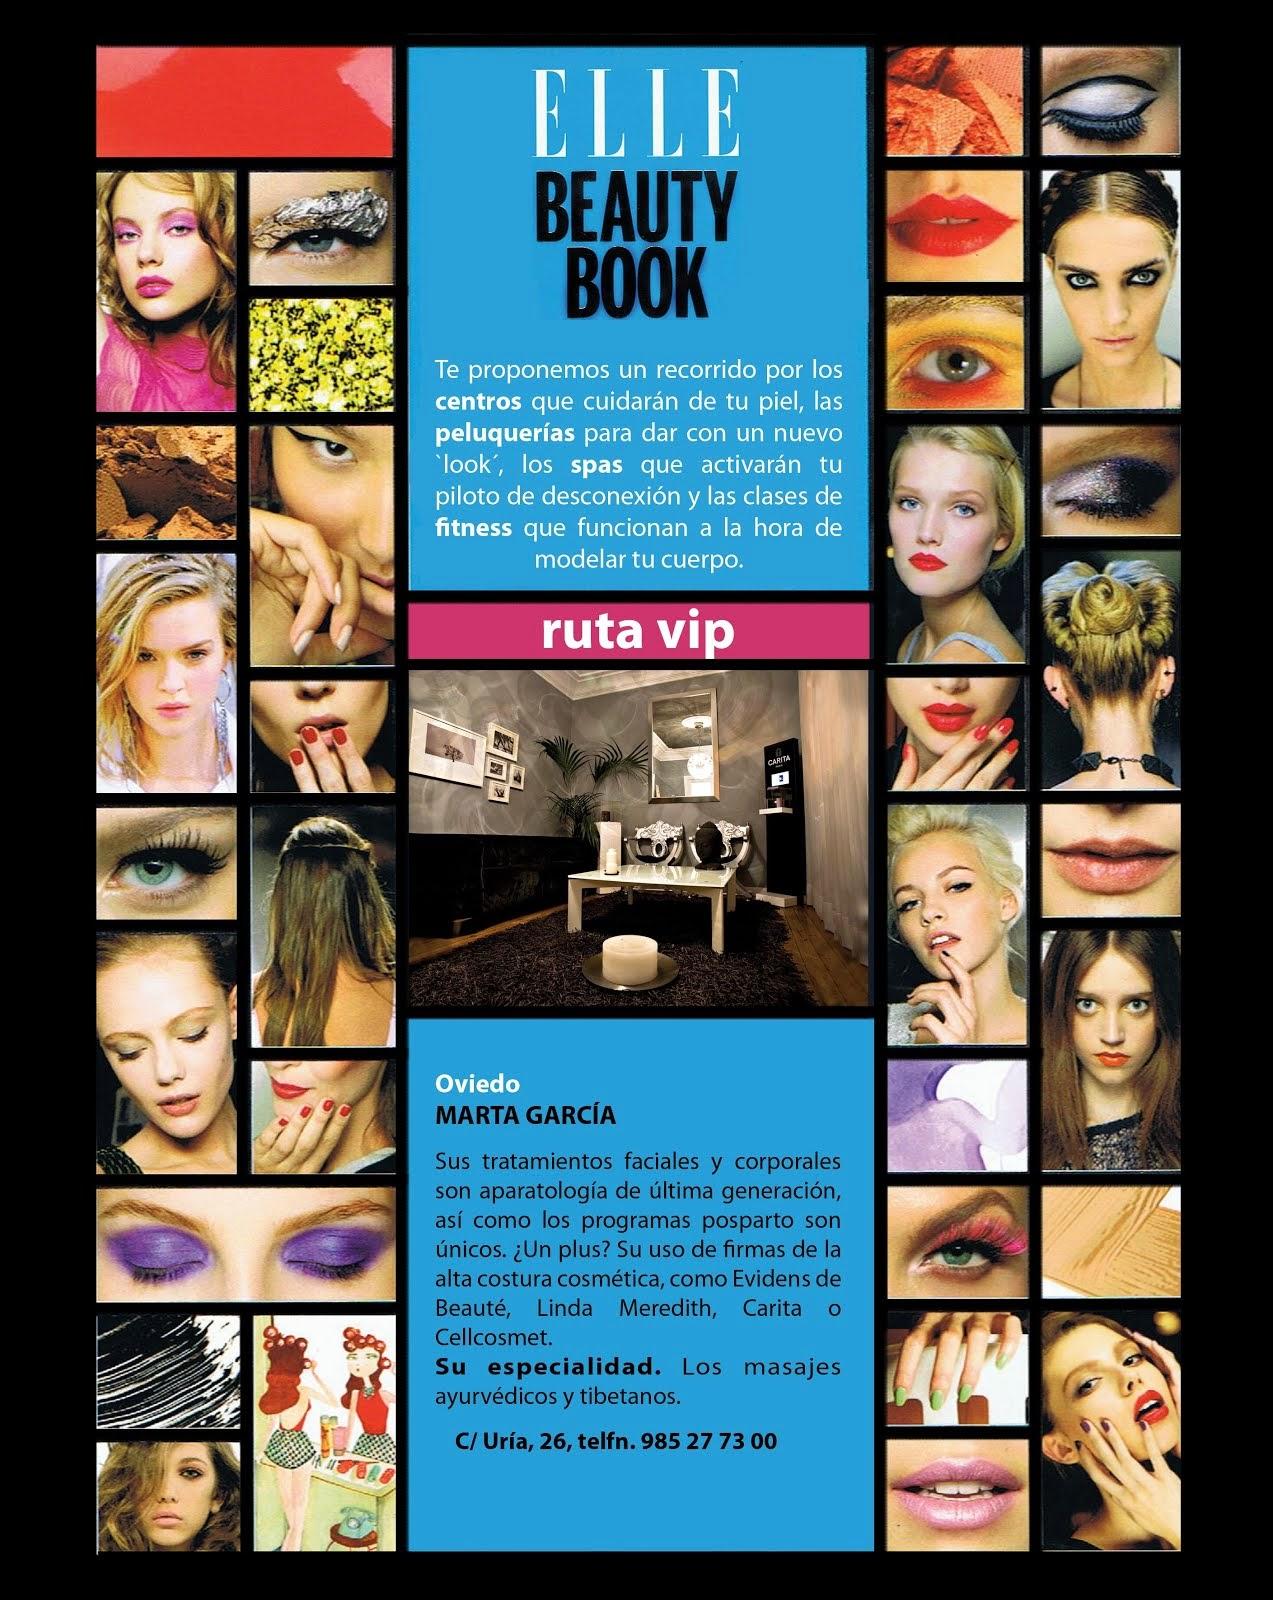 Marta García en el Beauty Book de Elle